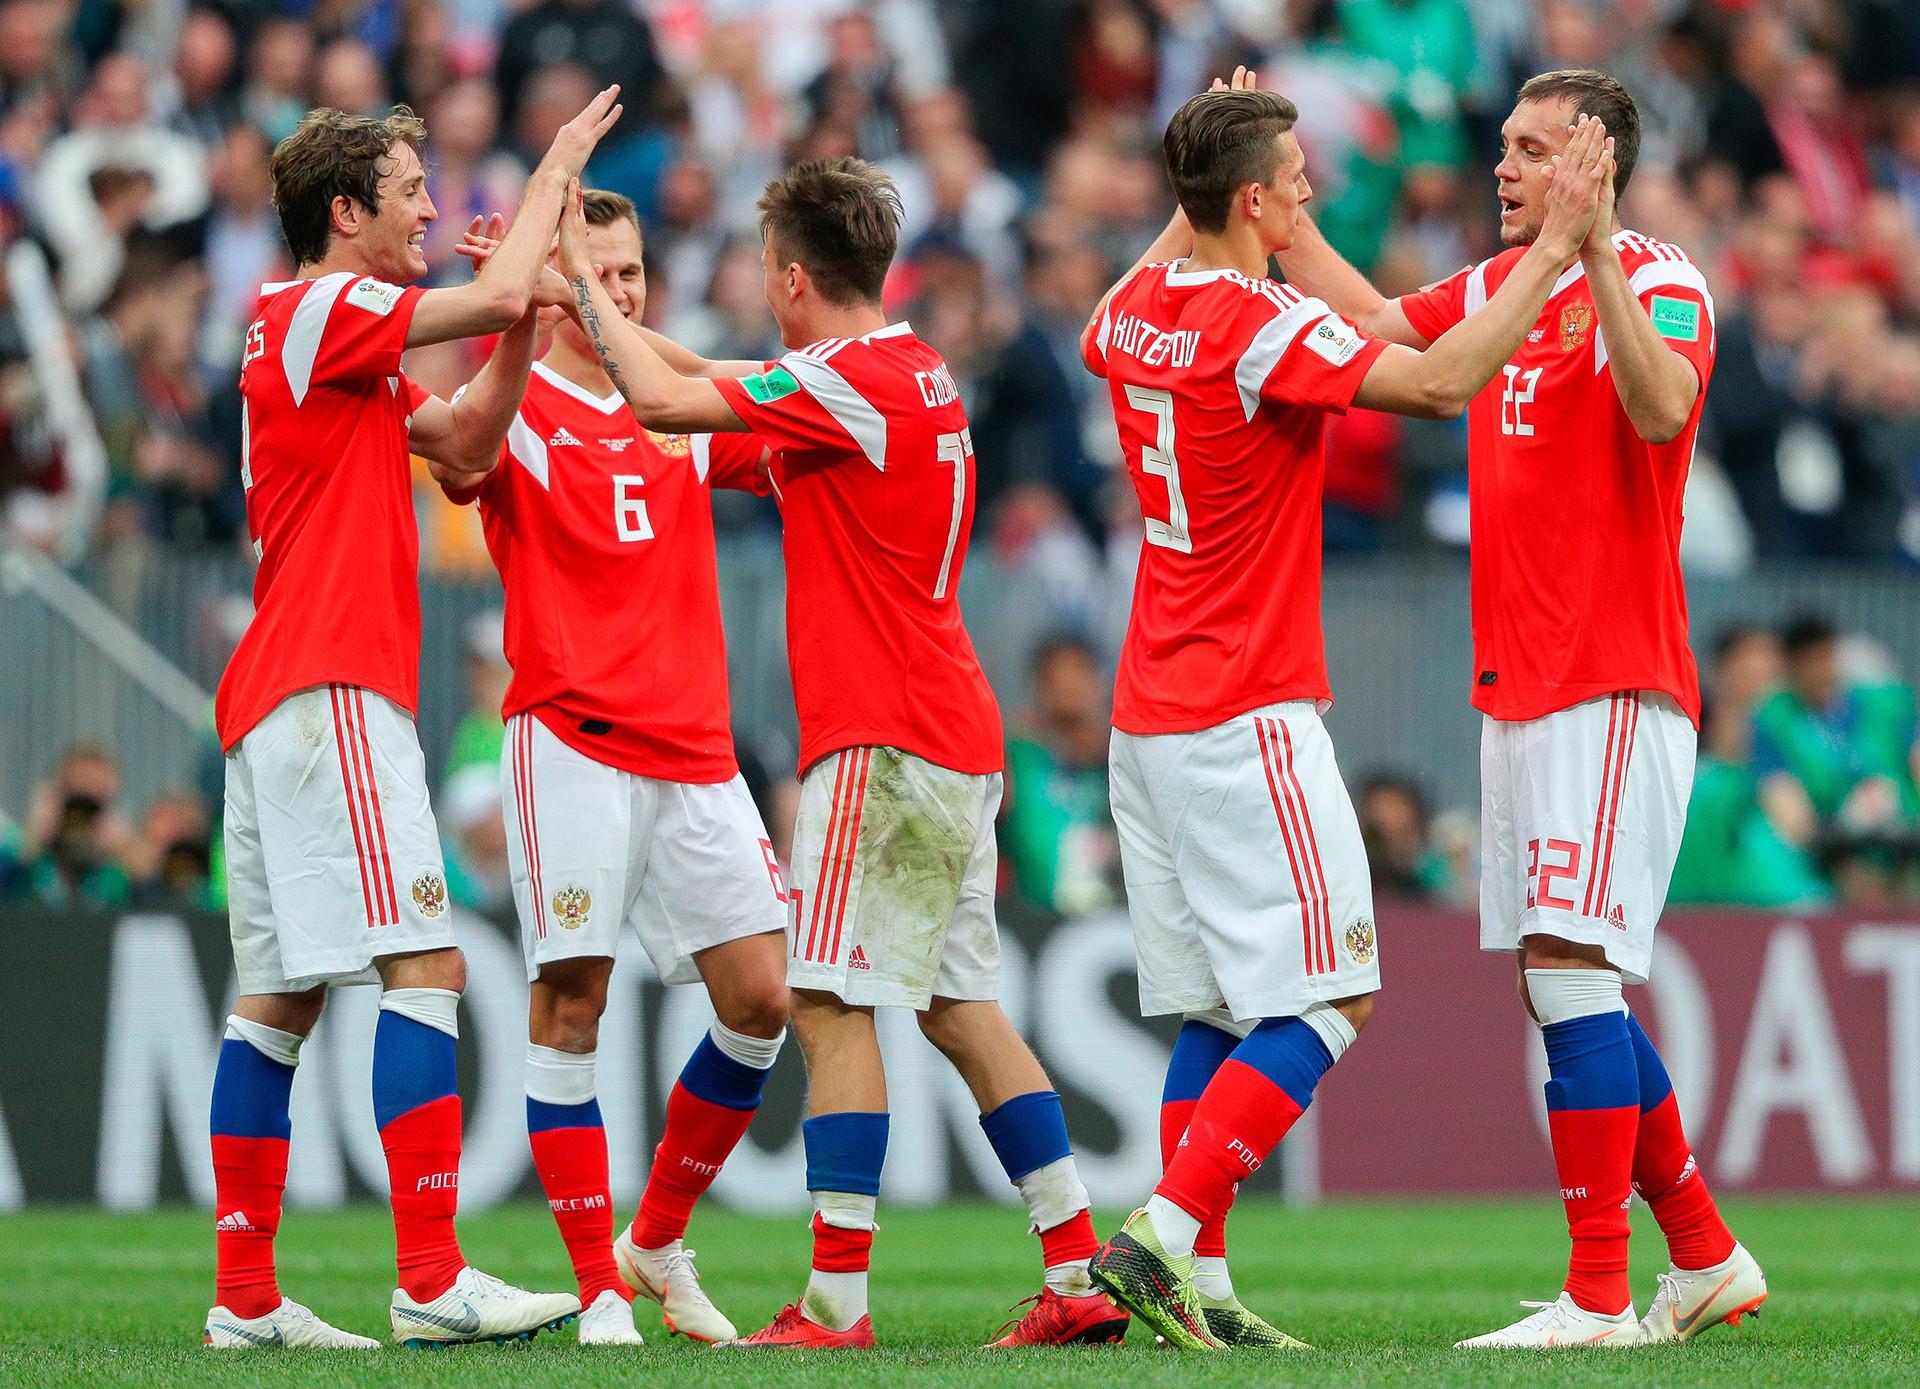 Руски фудбалери после меча против Саудијске Арабије.